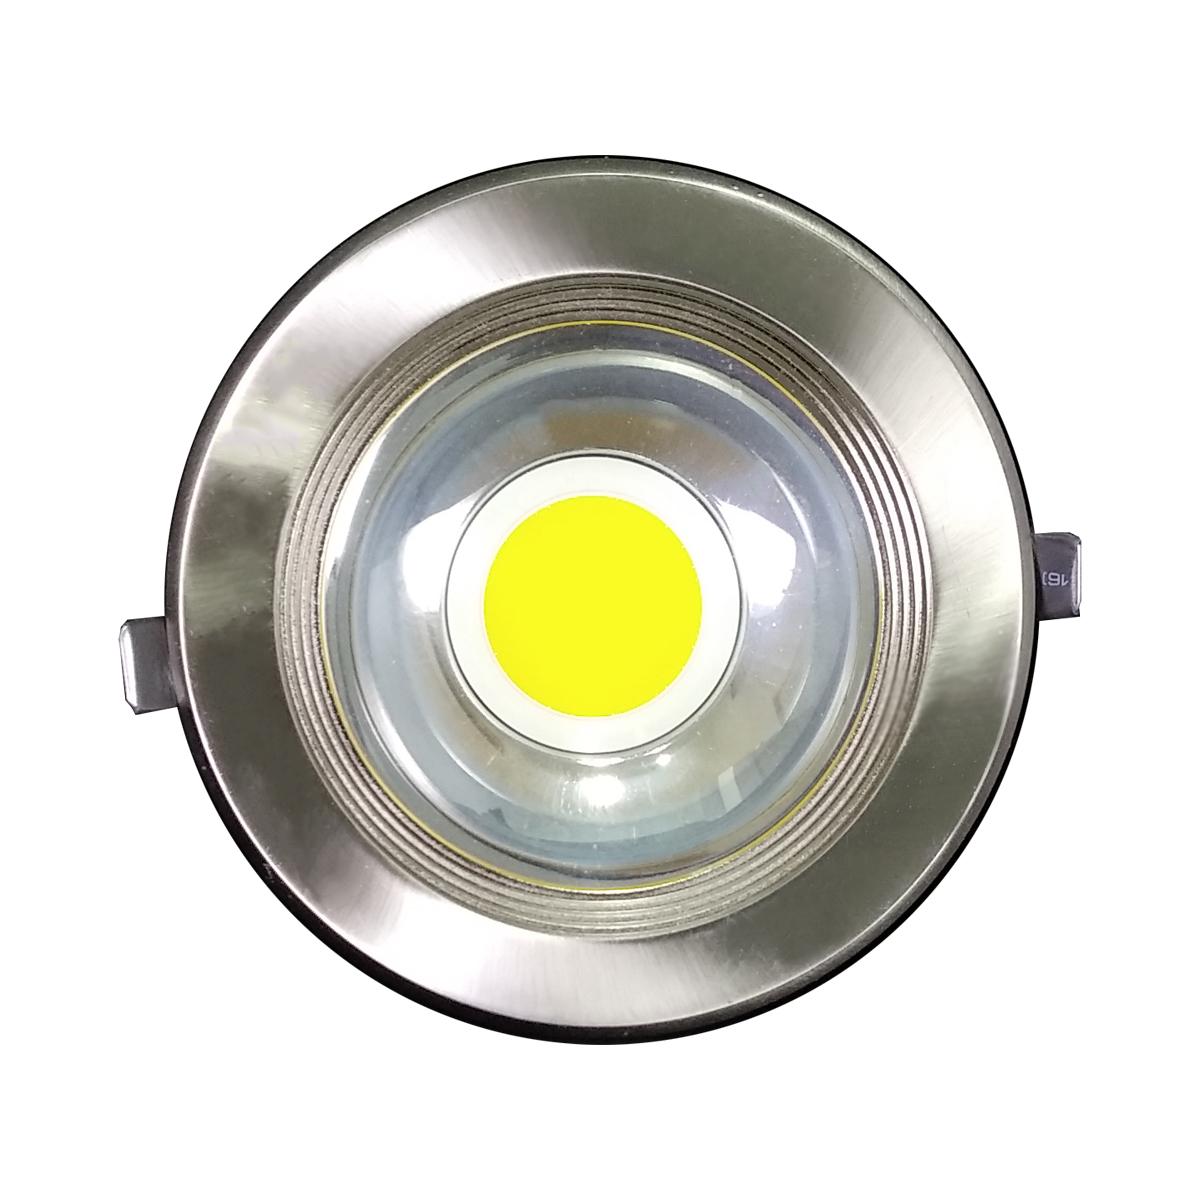 چراغ سقفی 10 وات شاهان مدل ZDO10 کد COB-10